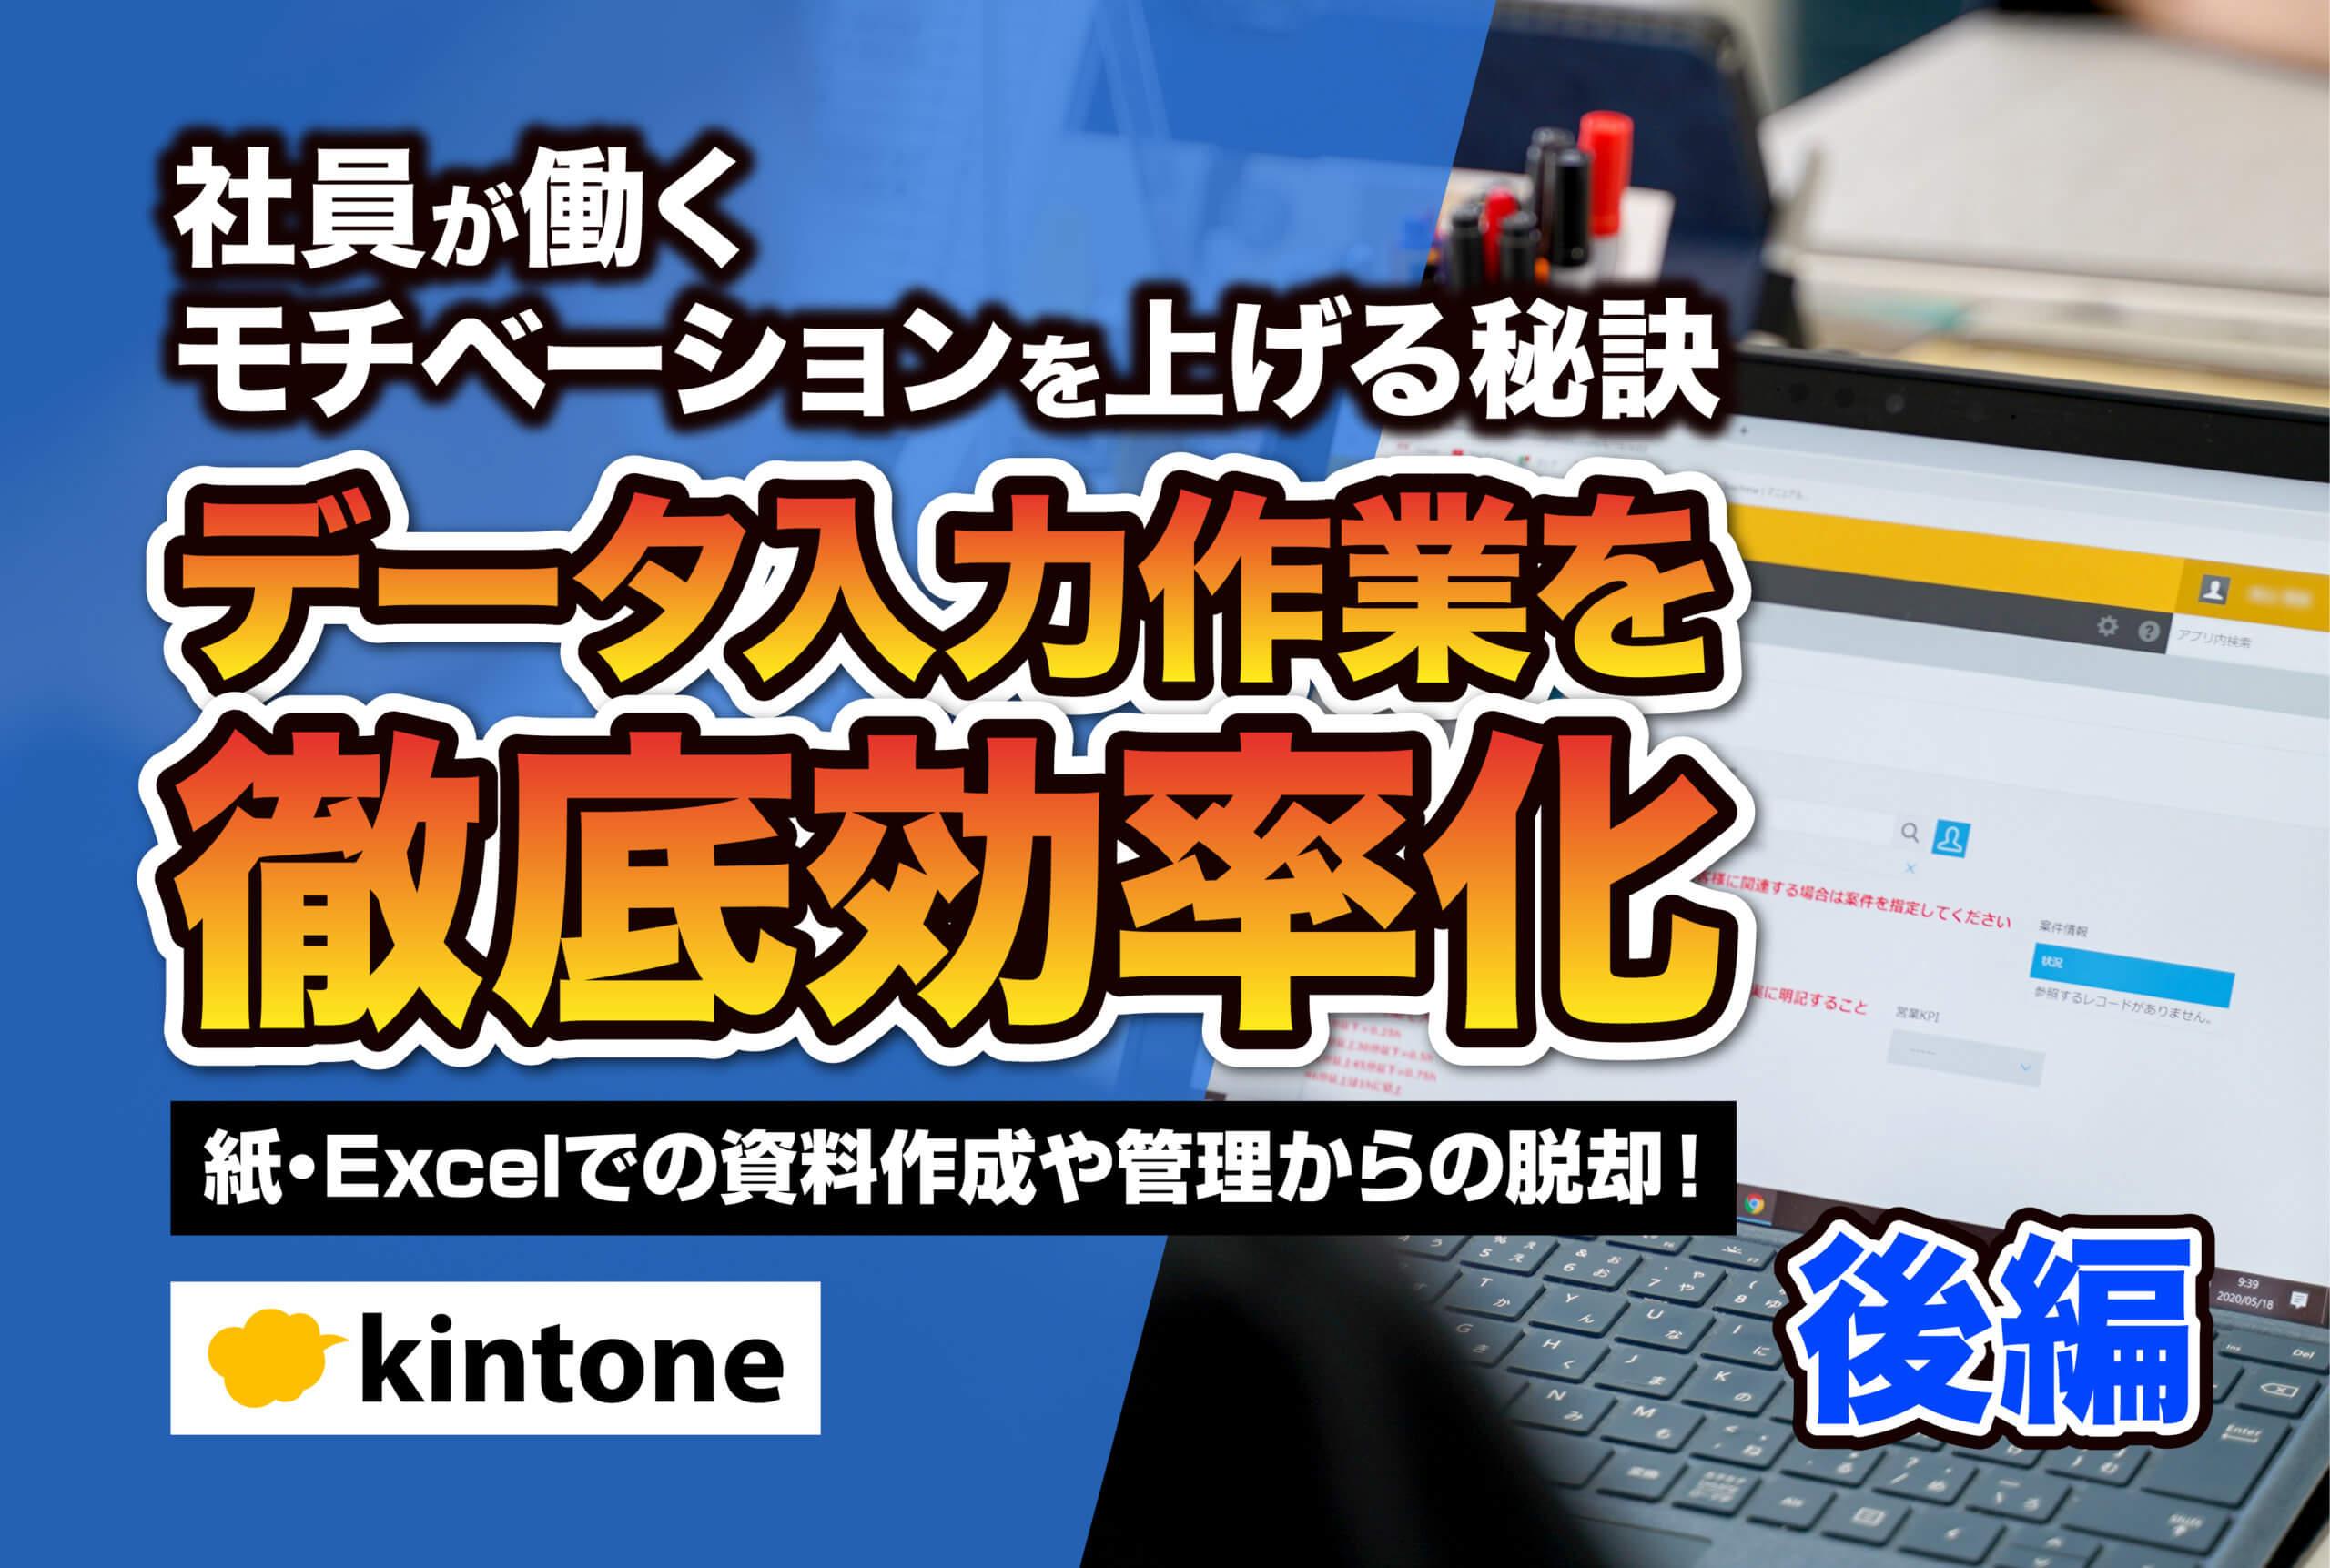 データ入力作業を効率化してモチベーションを上げよう。kintone(キントーン)による働き方改革導入事例|建設業中美建設さまの事例-後編